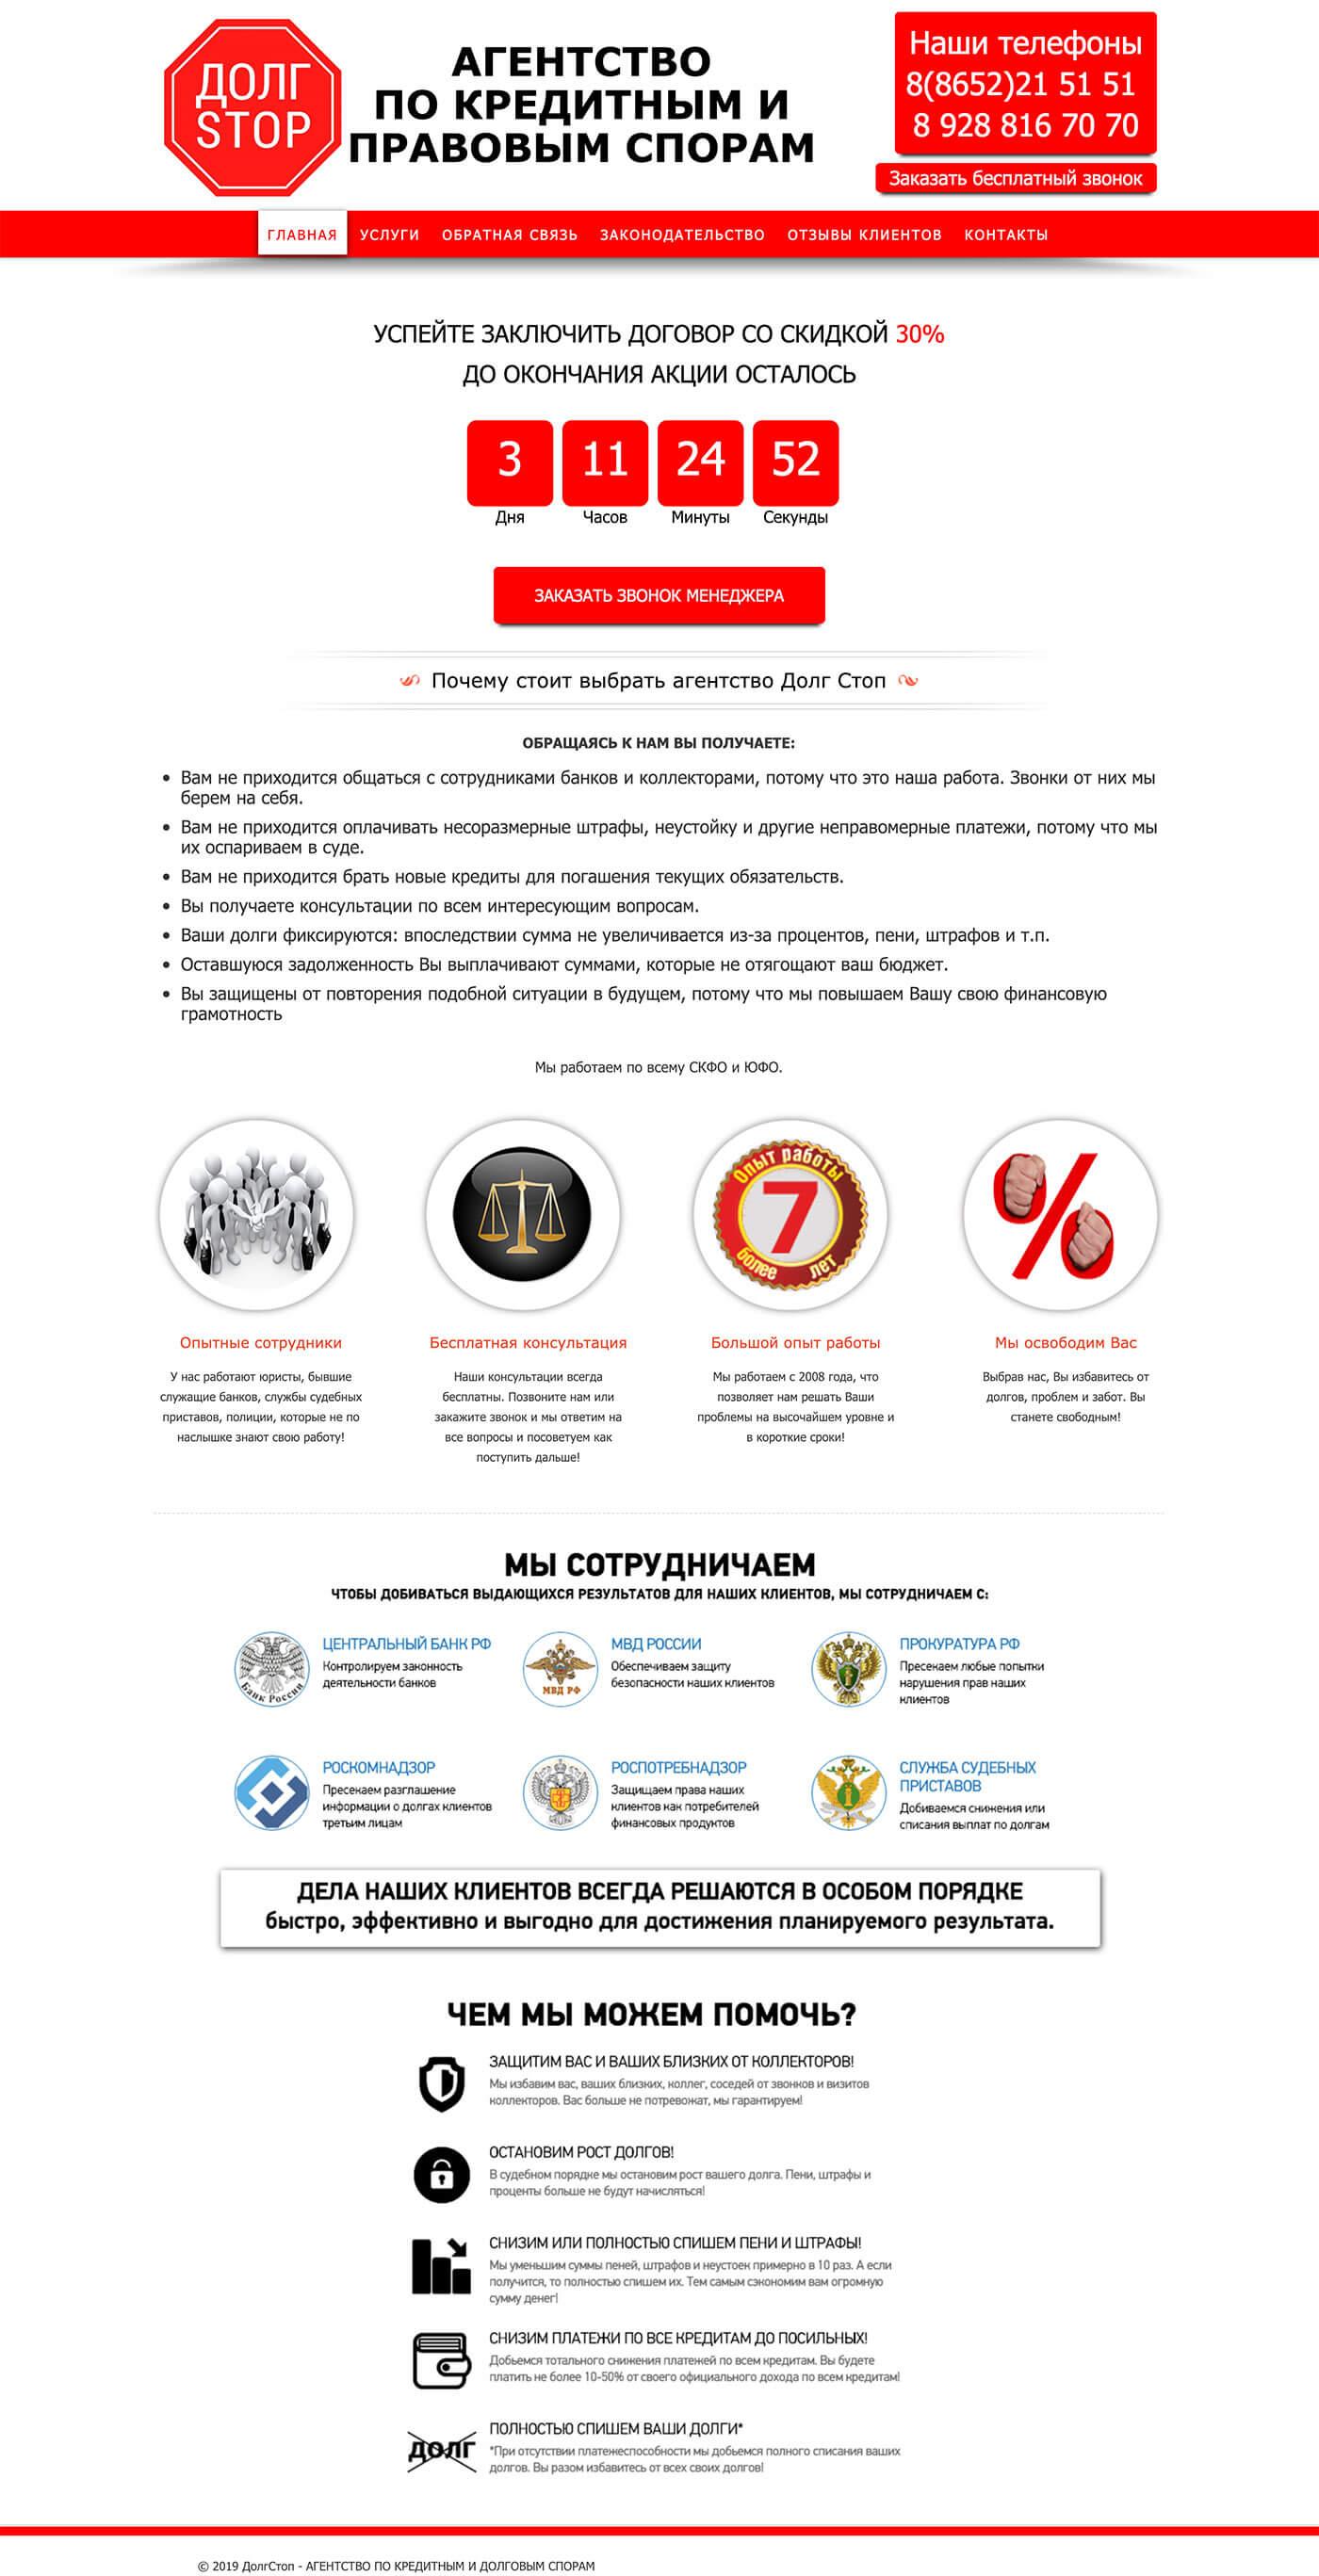 Сайтагентства по кредитным и правовым спорам